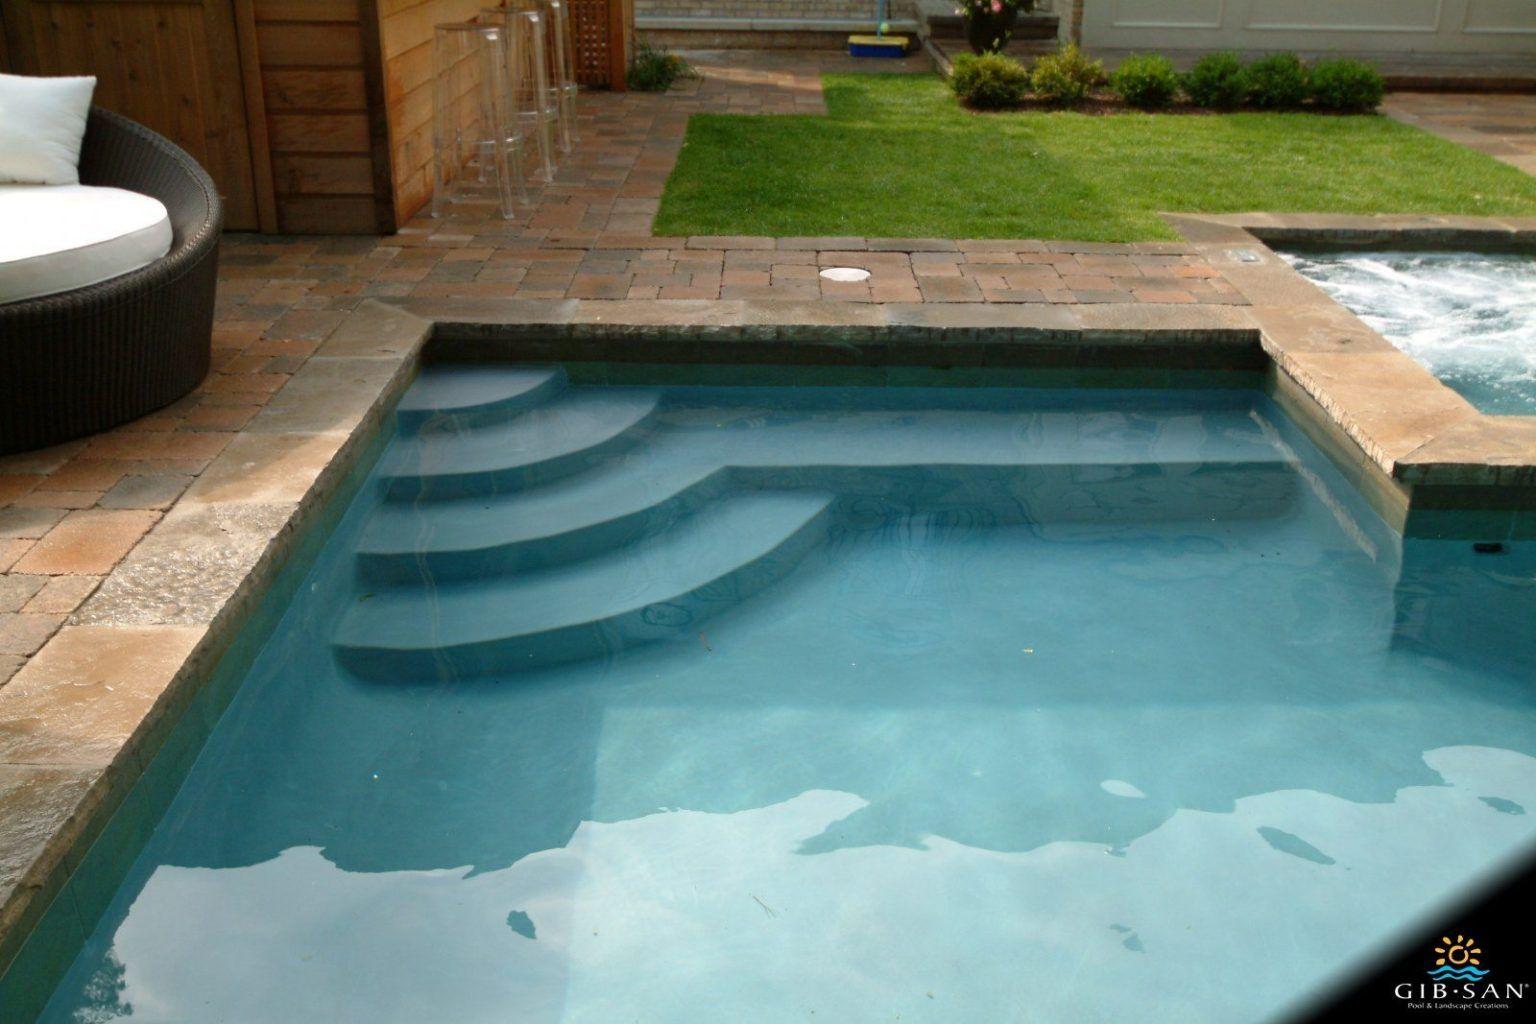 Benches Steps Gib San Pools Toronto Mississauga Oakville